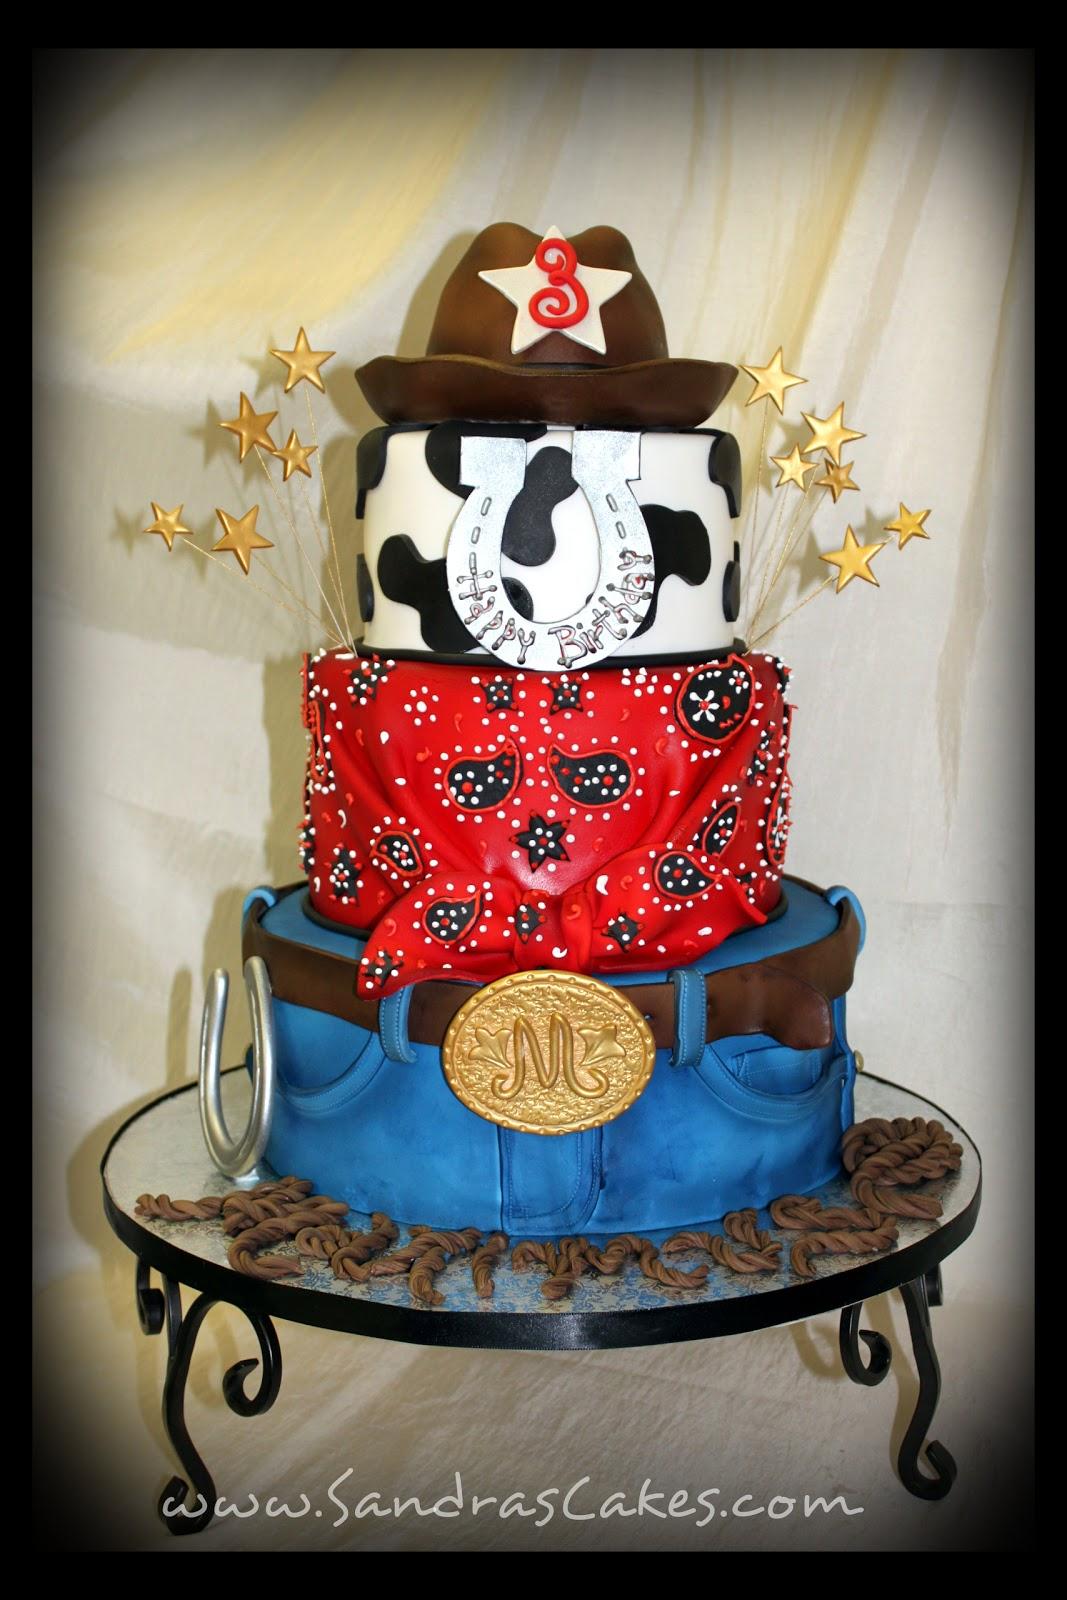 On Birthday Cakes Maximus Cowboy Theme Cake